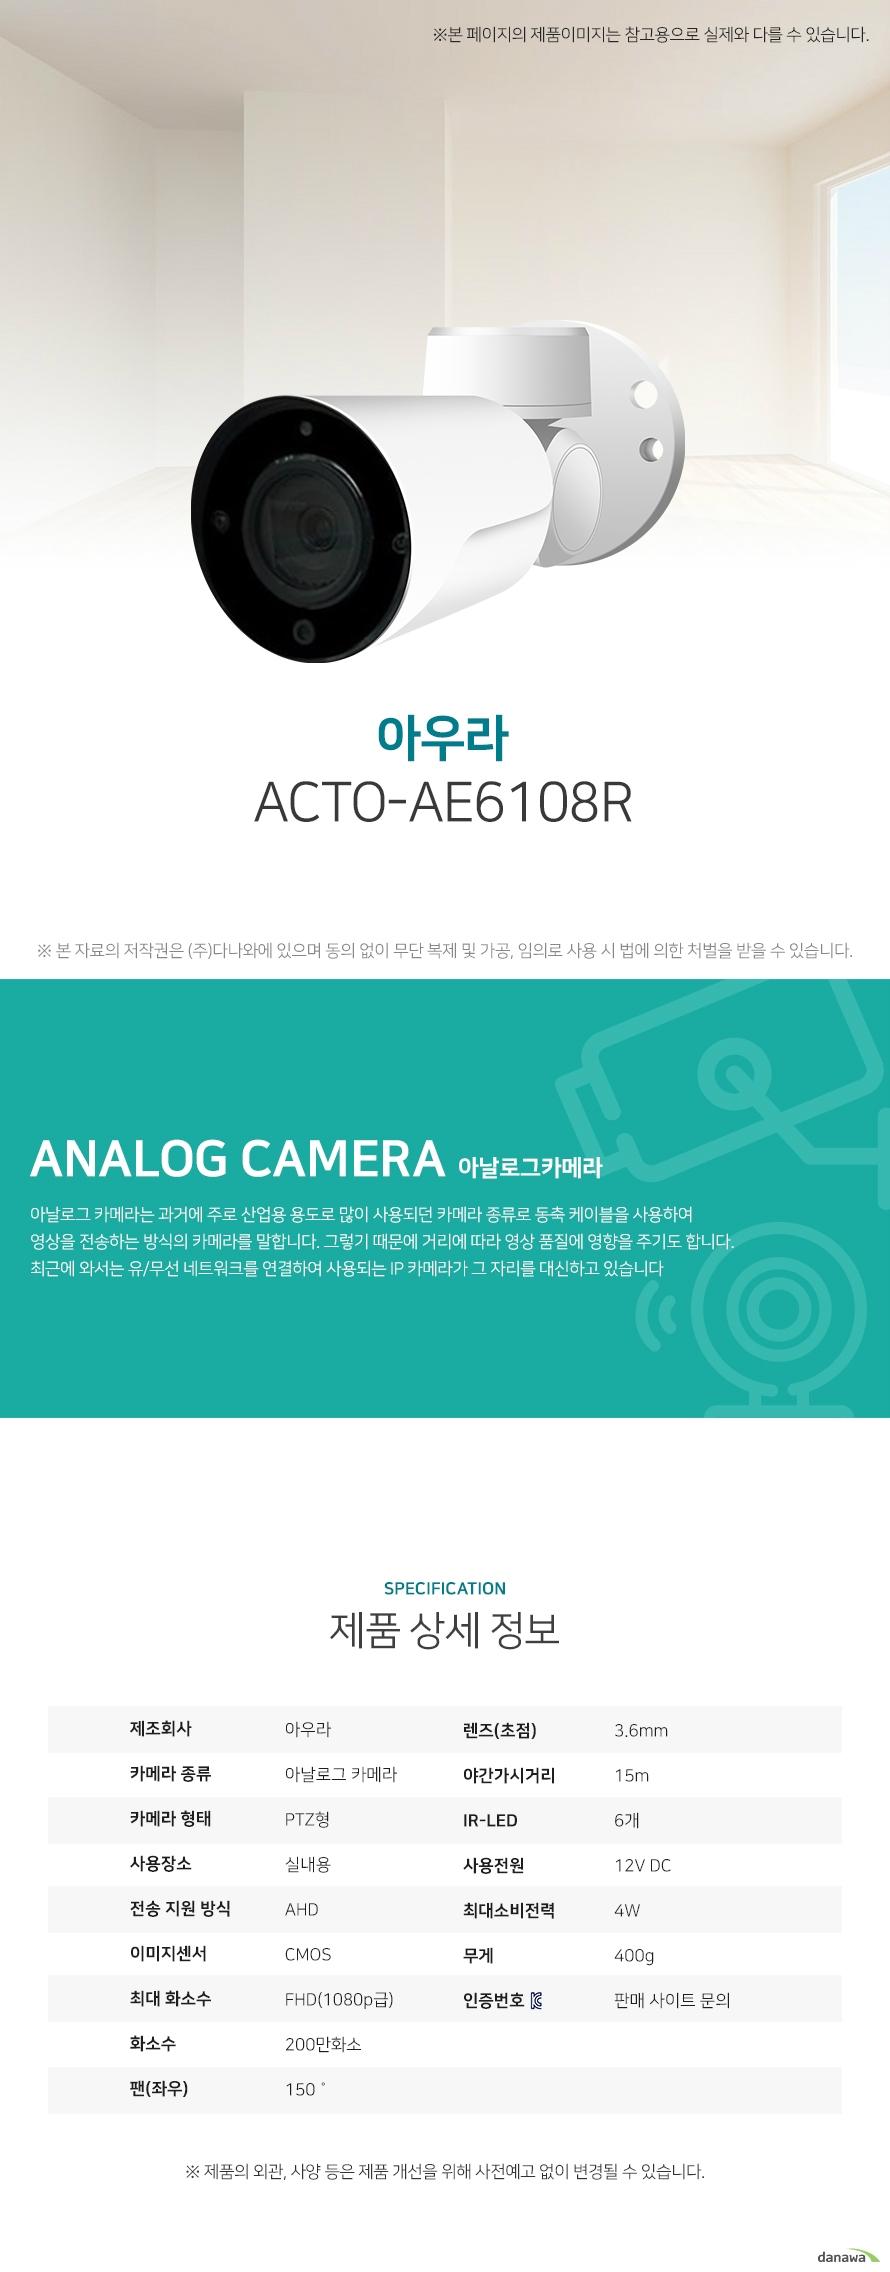 아우라 ACTO-AE6108R 상세 스펙 아날로그 카메라 / PTZ형 / 실외용 / AHD / CMOS / 200만화소 / FHD(1080p급) / 지원속도: 30fps / 렌즈(초점): 3.6mm / 팬(좌우): 150˚ / 프라이버시 모드 / 원격각도조정 / 동작감지 / 자동화이트밸런스 / AGC / 역광보정 / 야간(주간)자동전환 / 적외선LED / 야간가시거리: 15m / IR-LED: 6개 / 12V DC / 4W / 무게: 400g